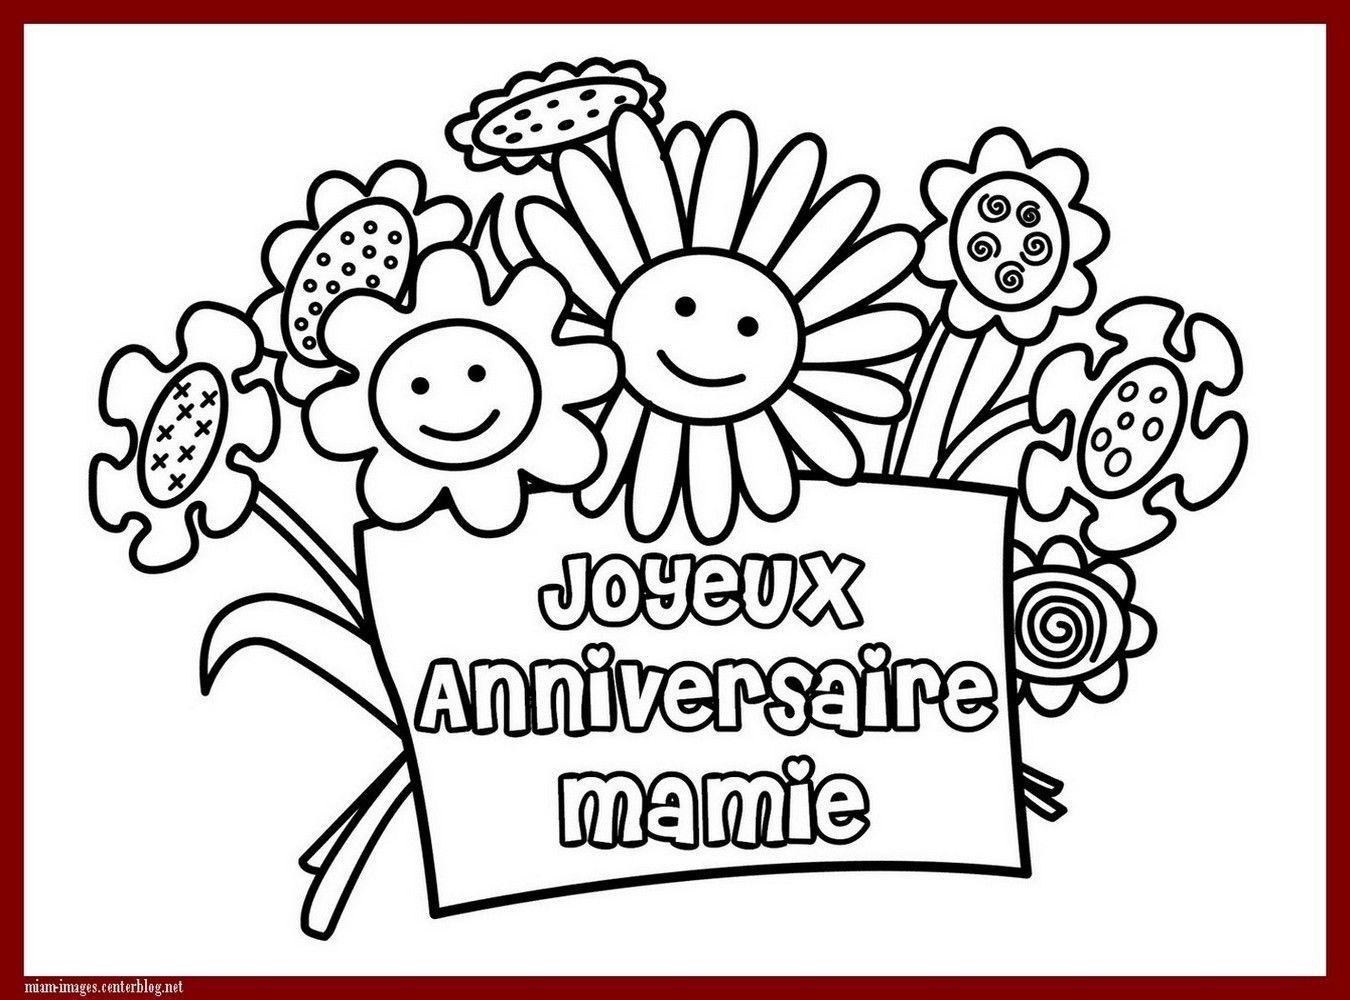 Anniversaire coloriage joyeux anniversaire mamie - Joyeux anniversaire a colorier ...